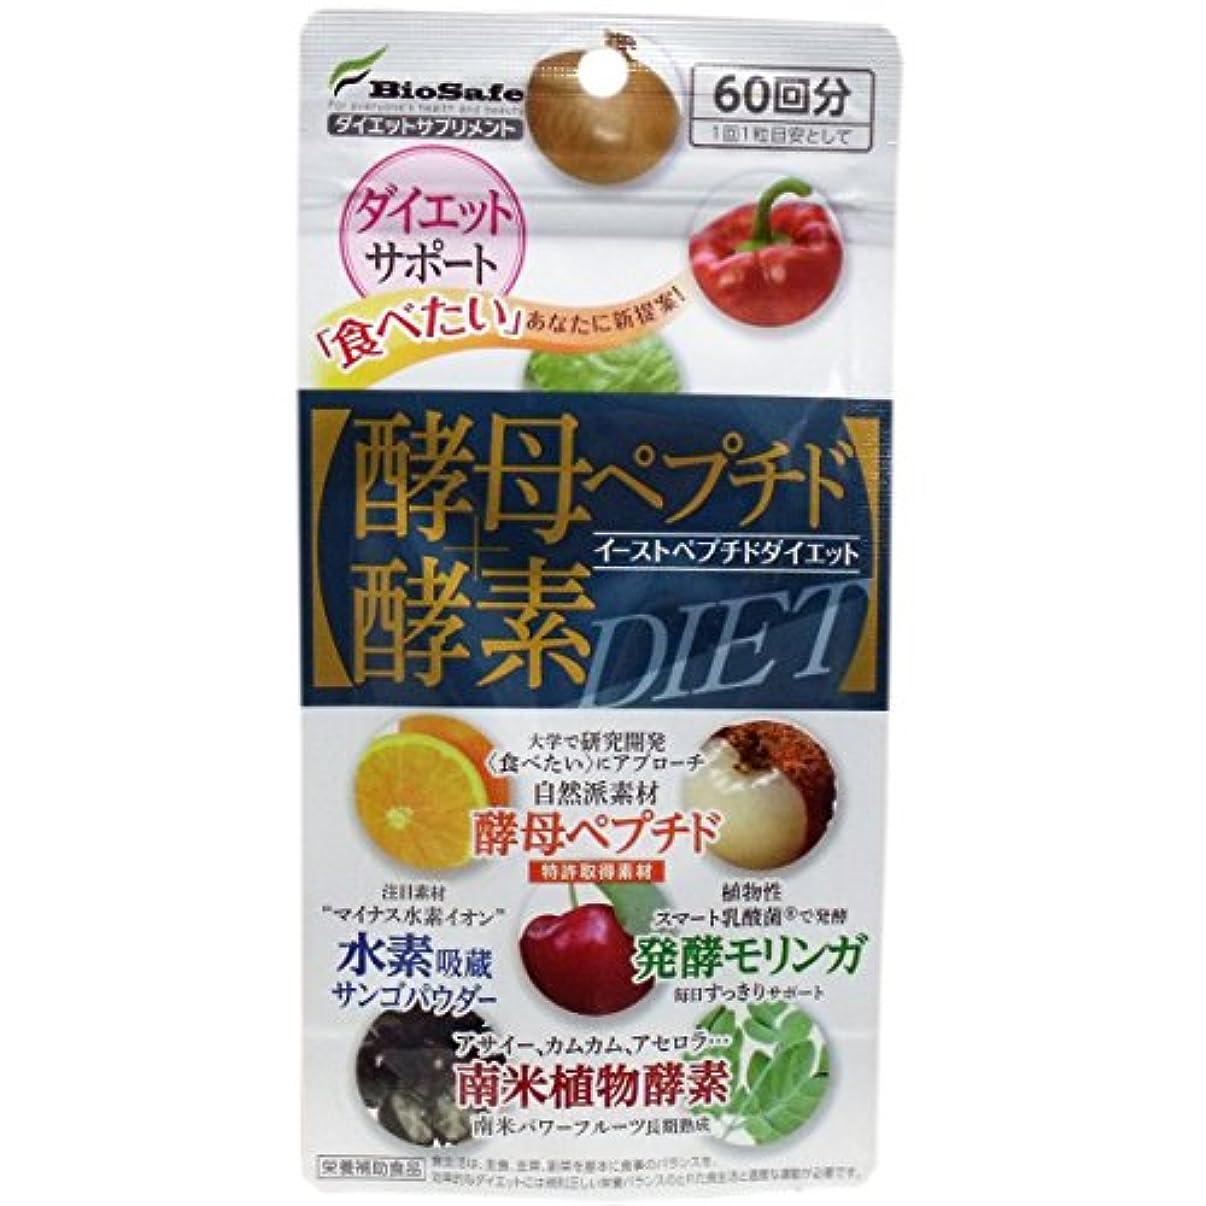 巡礼者男滝バイオセーフ 酵母ペプチド酵素ダイエット 60粒